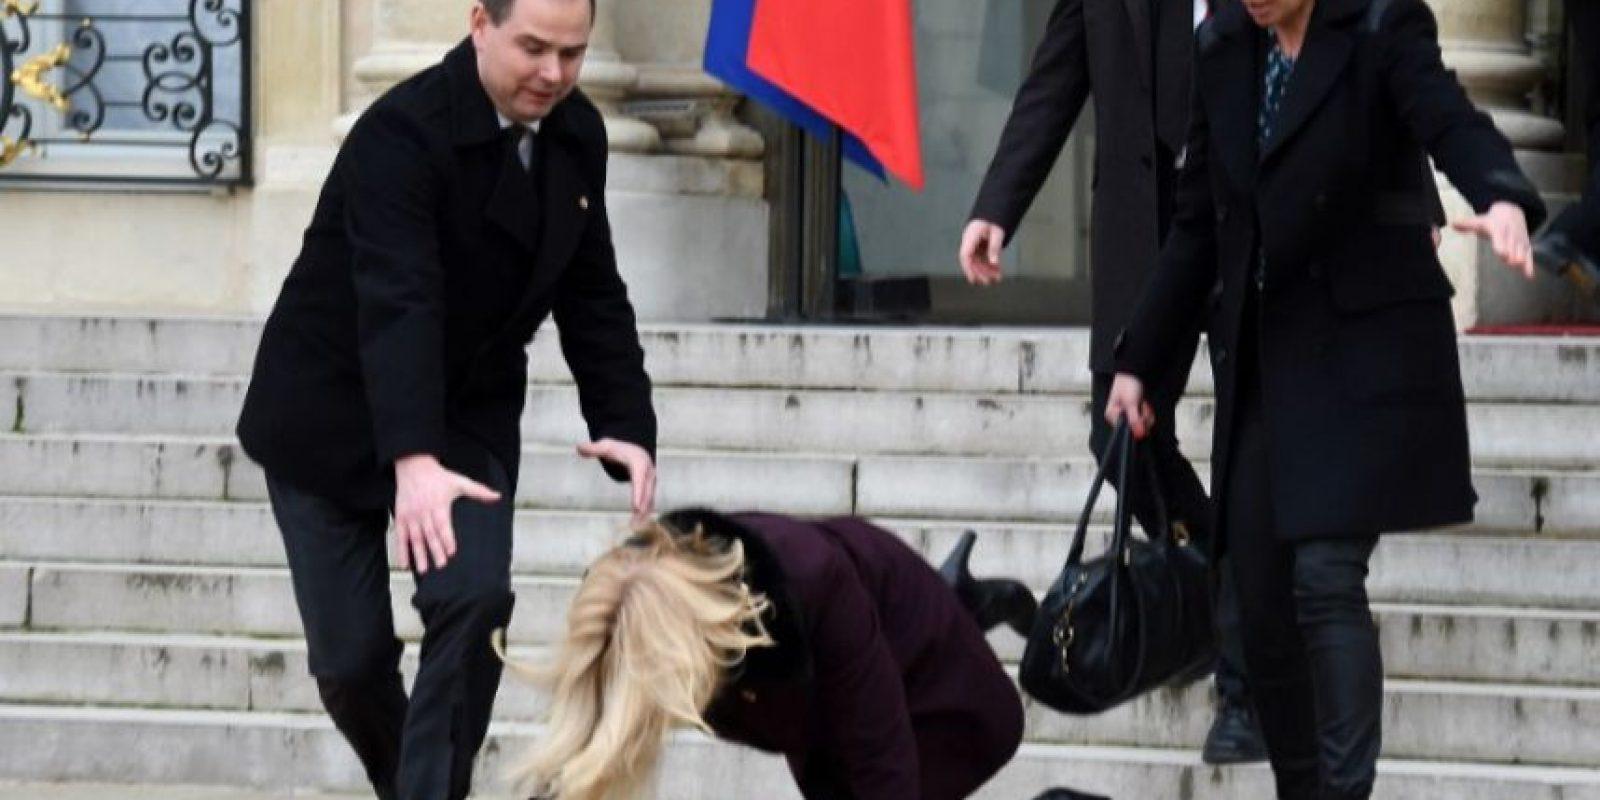 Helle Thorning-Schmidt, la Primer Ministro de Dinamarca, sufre una caída durante la Marcha Republicana Foto:AFP